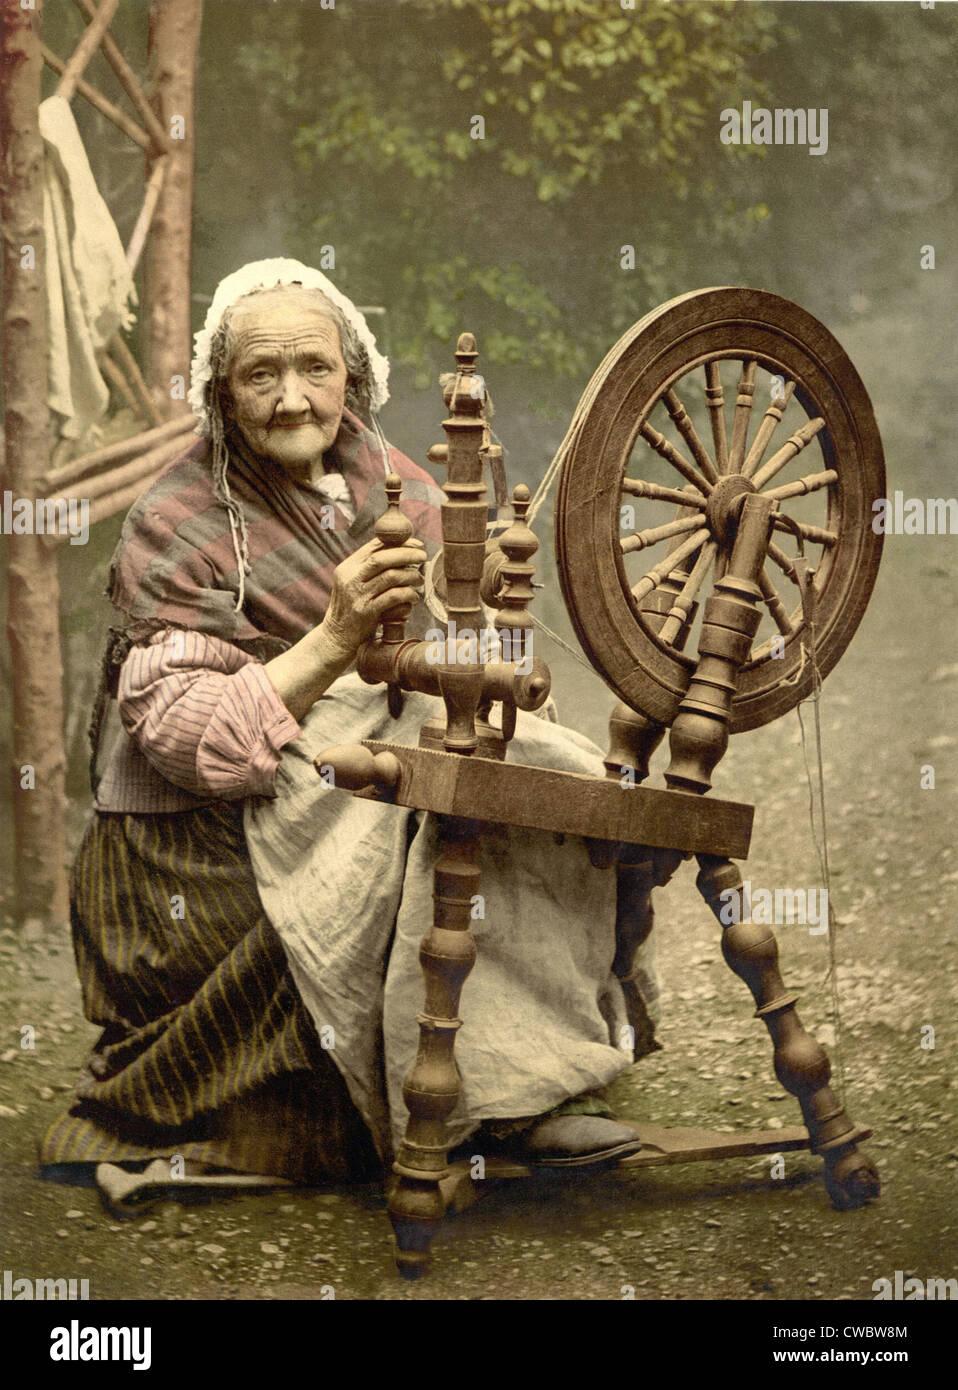 Ancianos Irish Spinner trabajar al aire libre en su rueda giratoria a finales del siglo XIX. Si bien pintoresco, Imagen De Stock